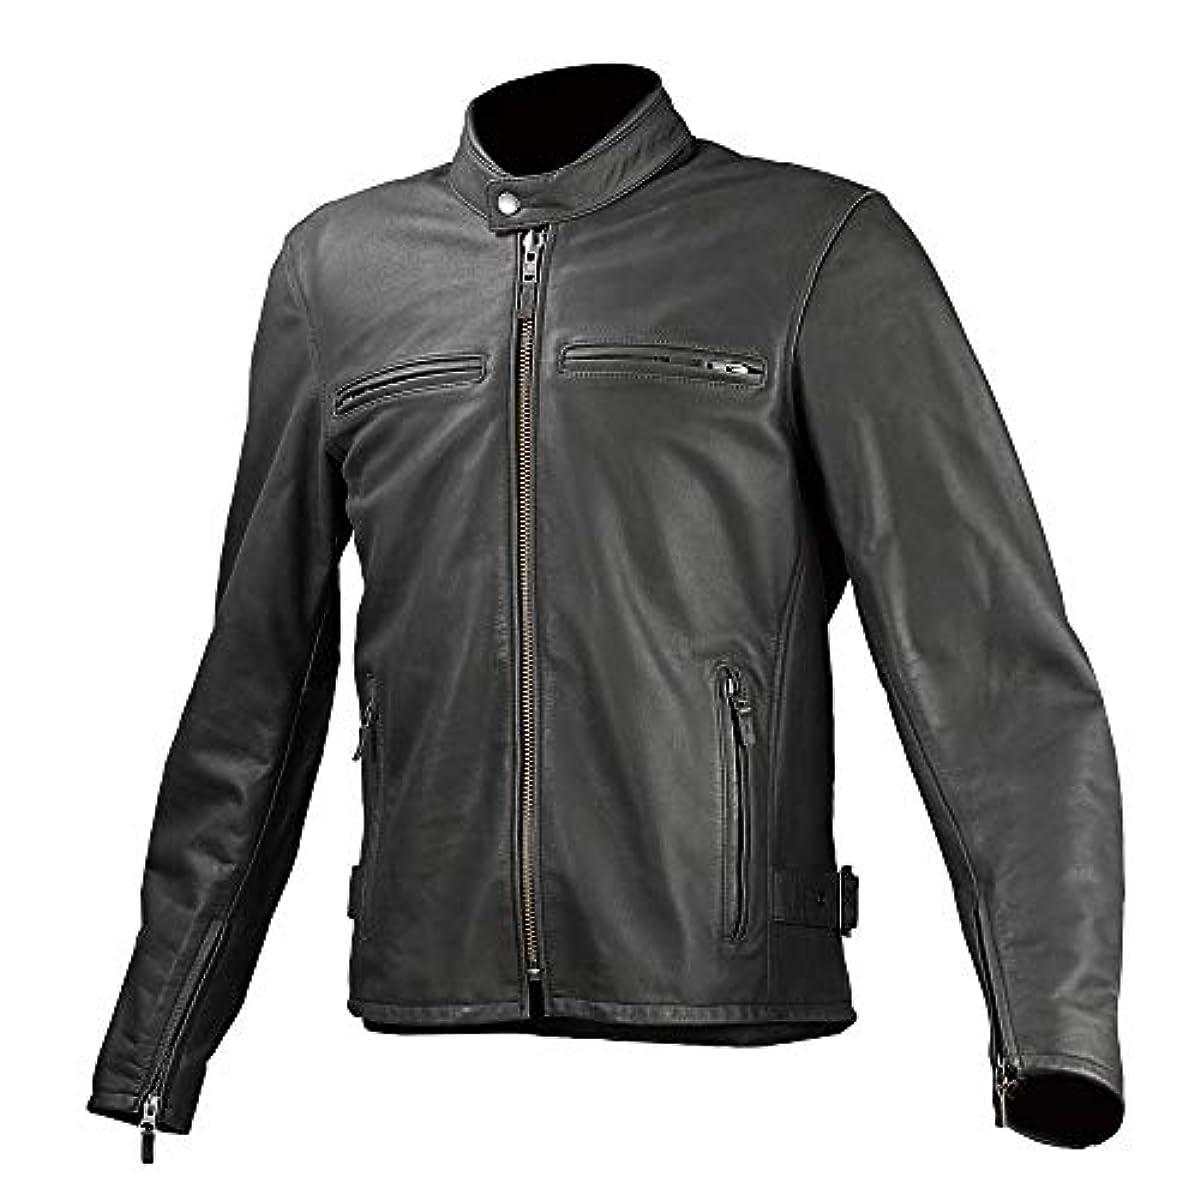 [해외] 코미네 KOMINE 오토바이 LJ-534 싱글 라이더스 레져 가죽 소가죽 재킷 아우터 BLACK/L 02-534